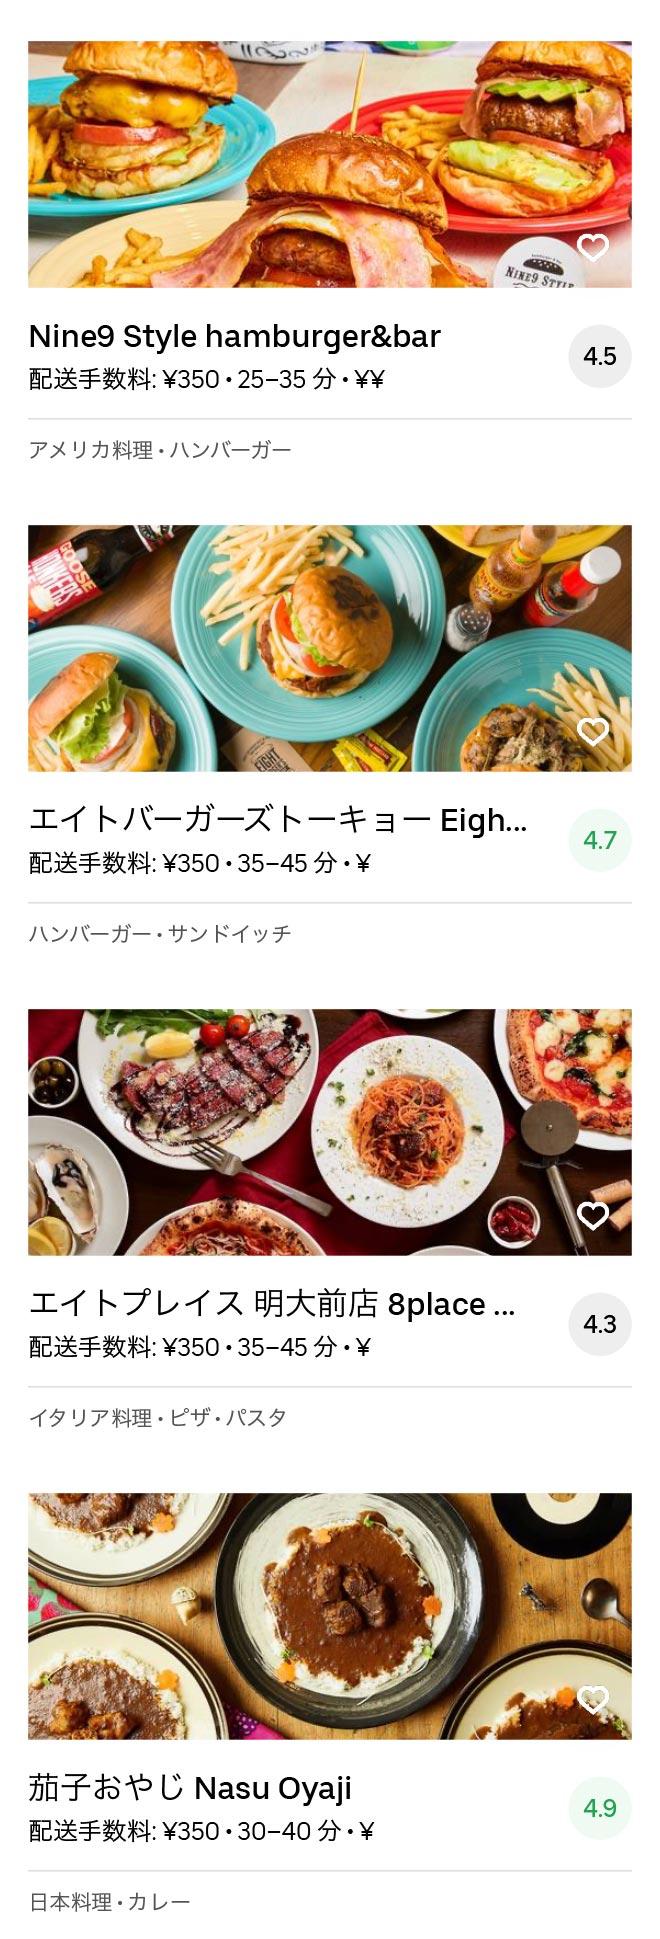 Tokyo kyodo menu 2005 09